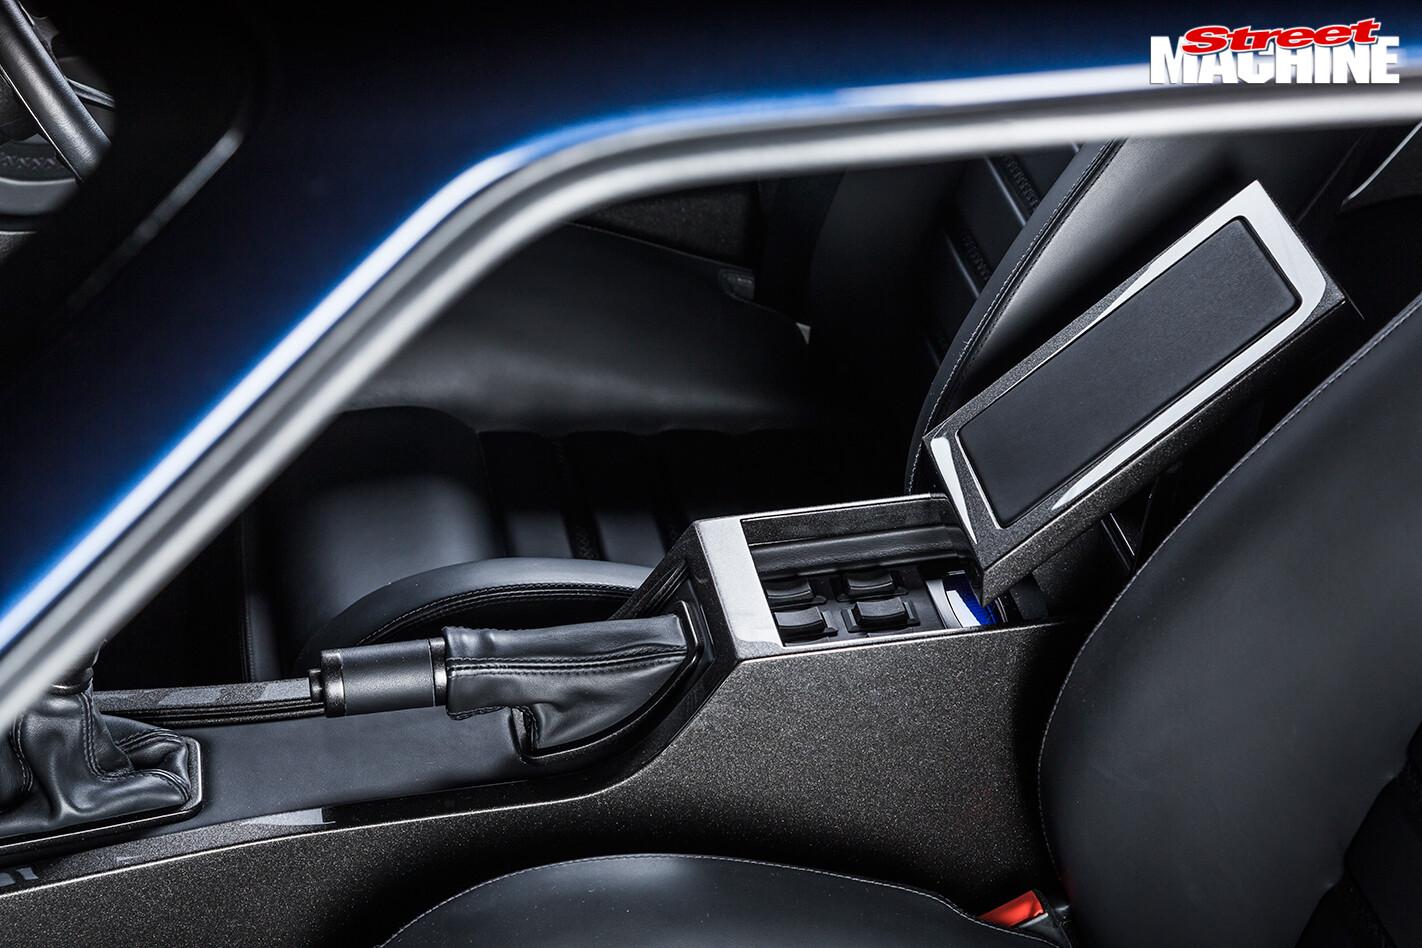 Falcon -XB-coupe -XBOSS-interior -centre -console